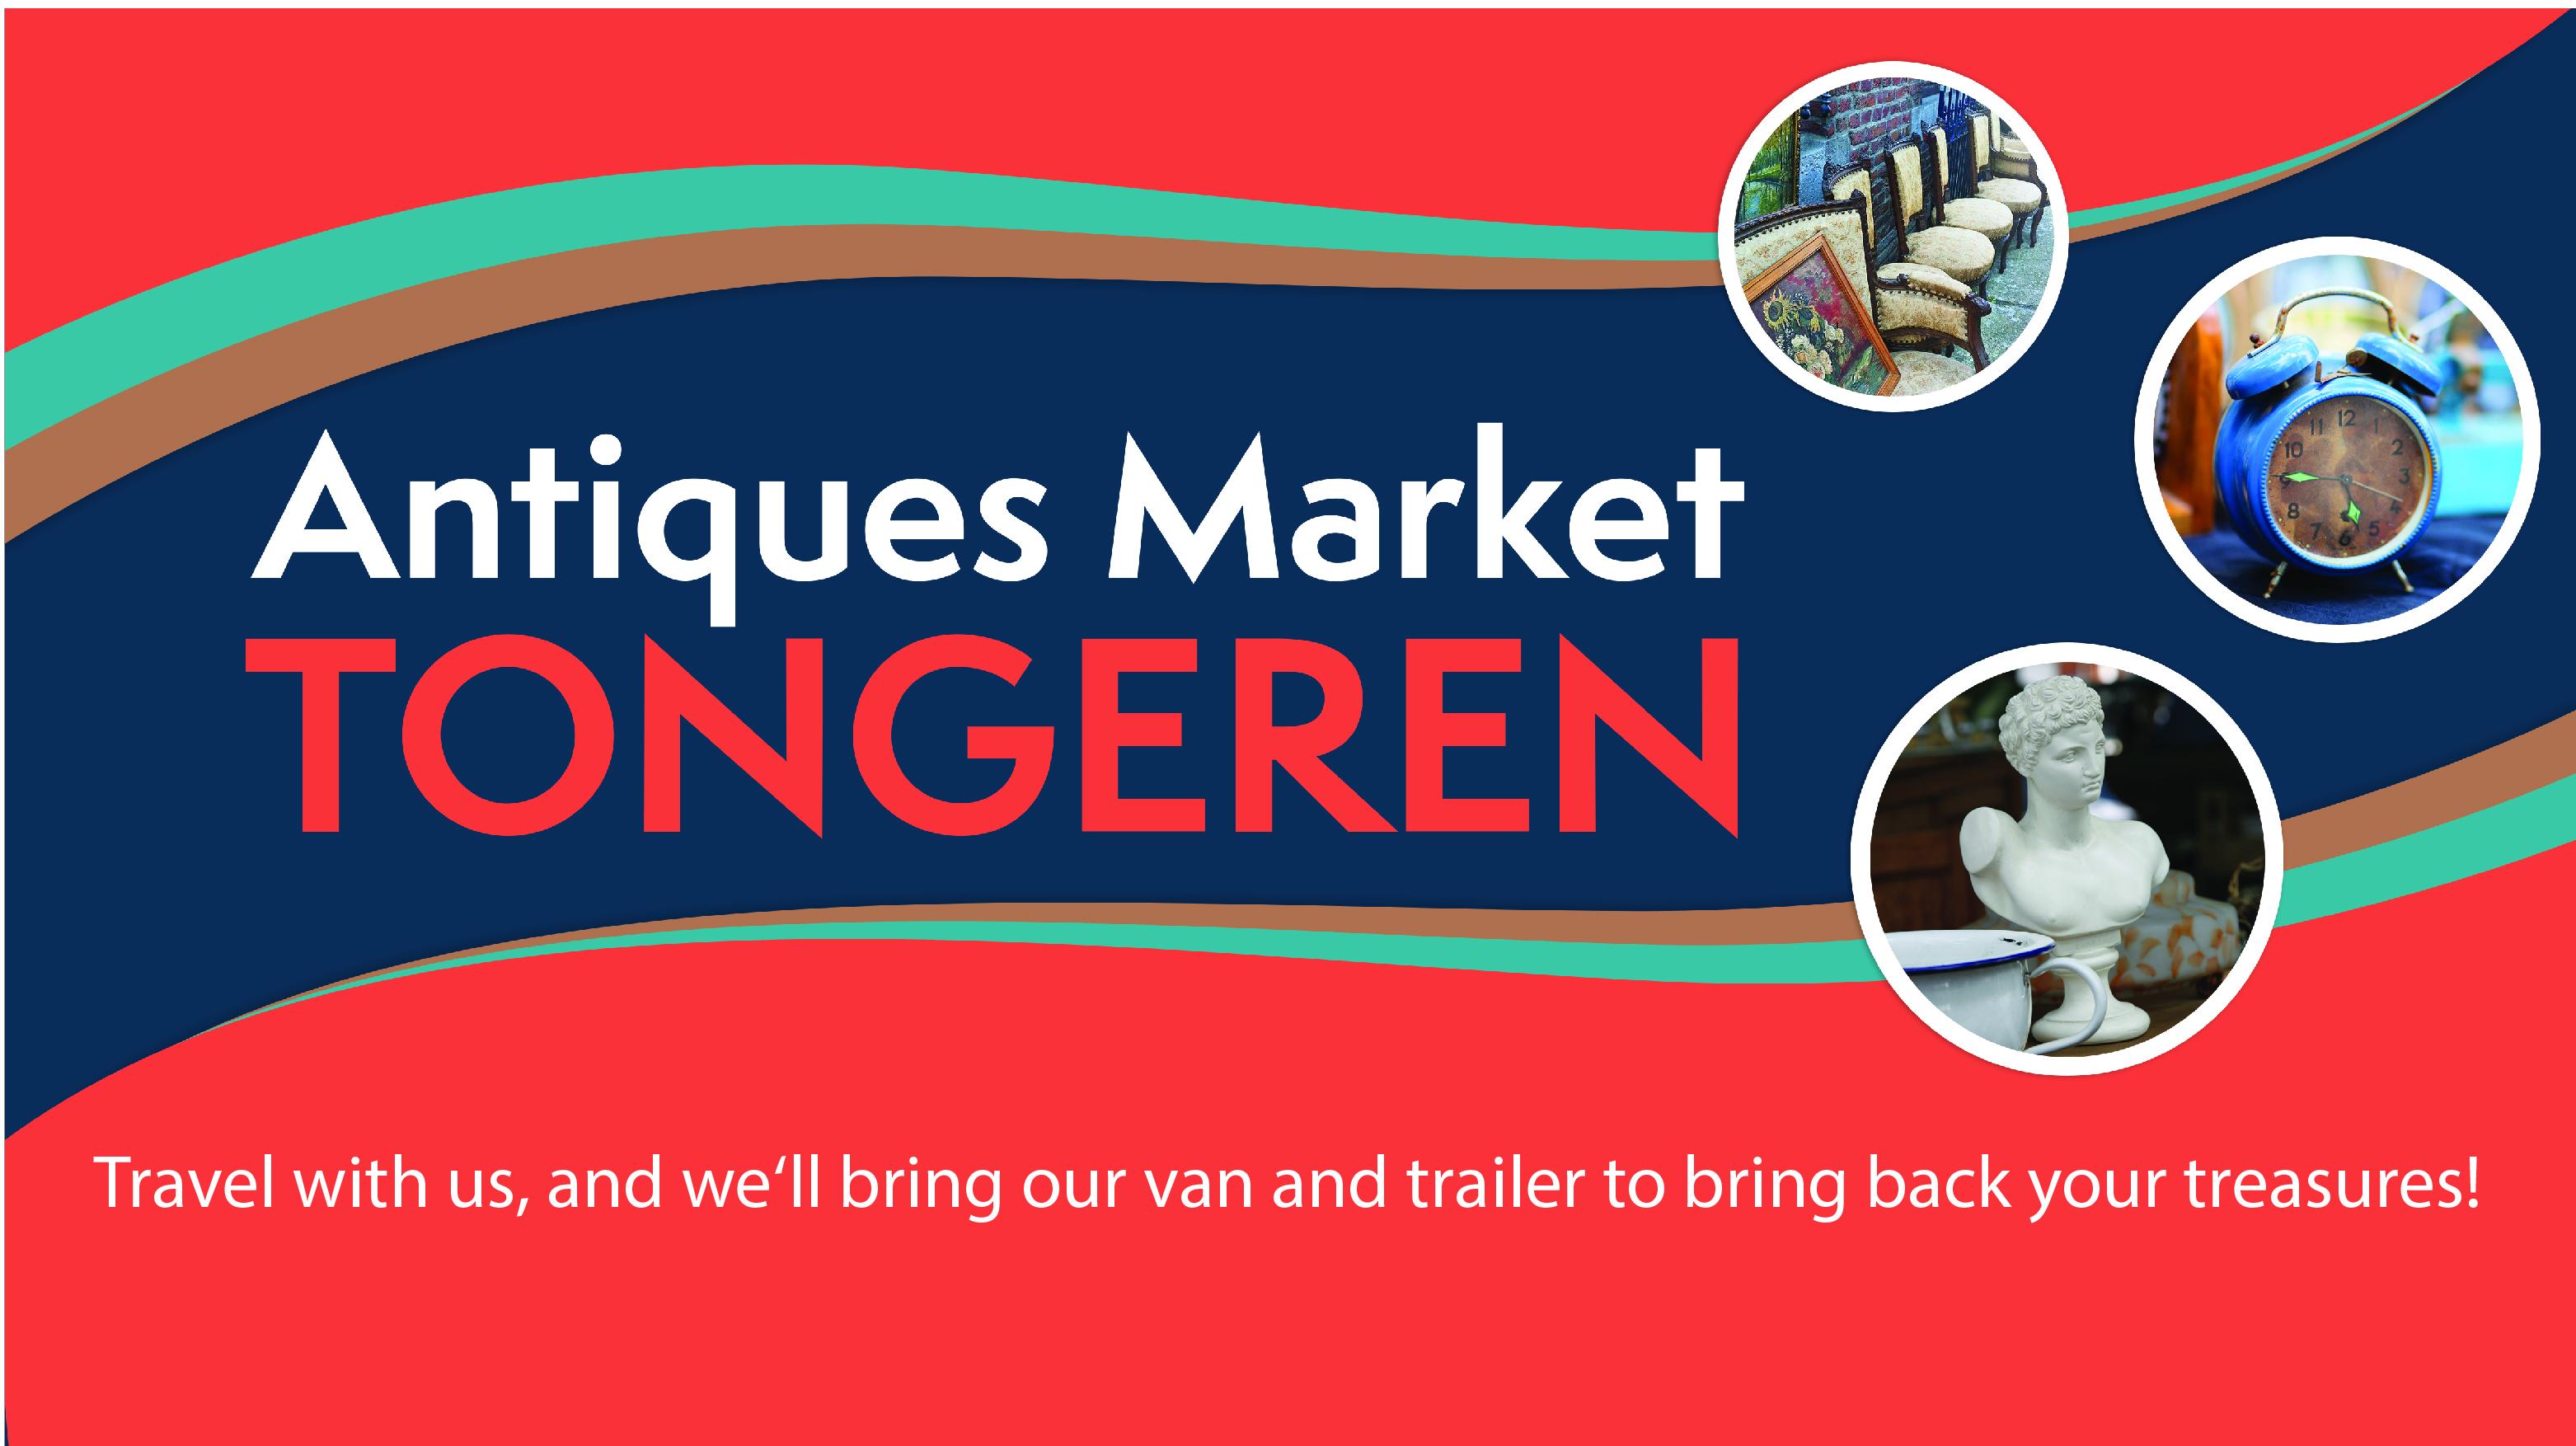 Tongeren Antiques Market